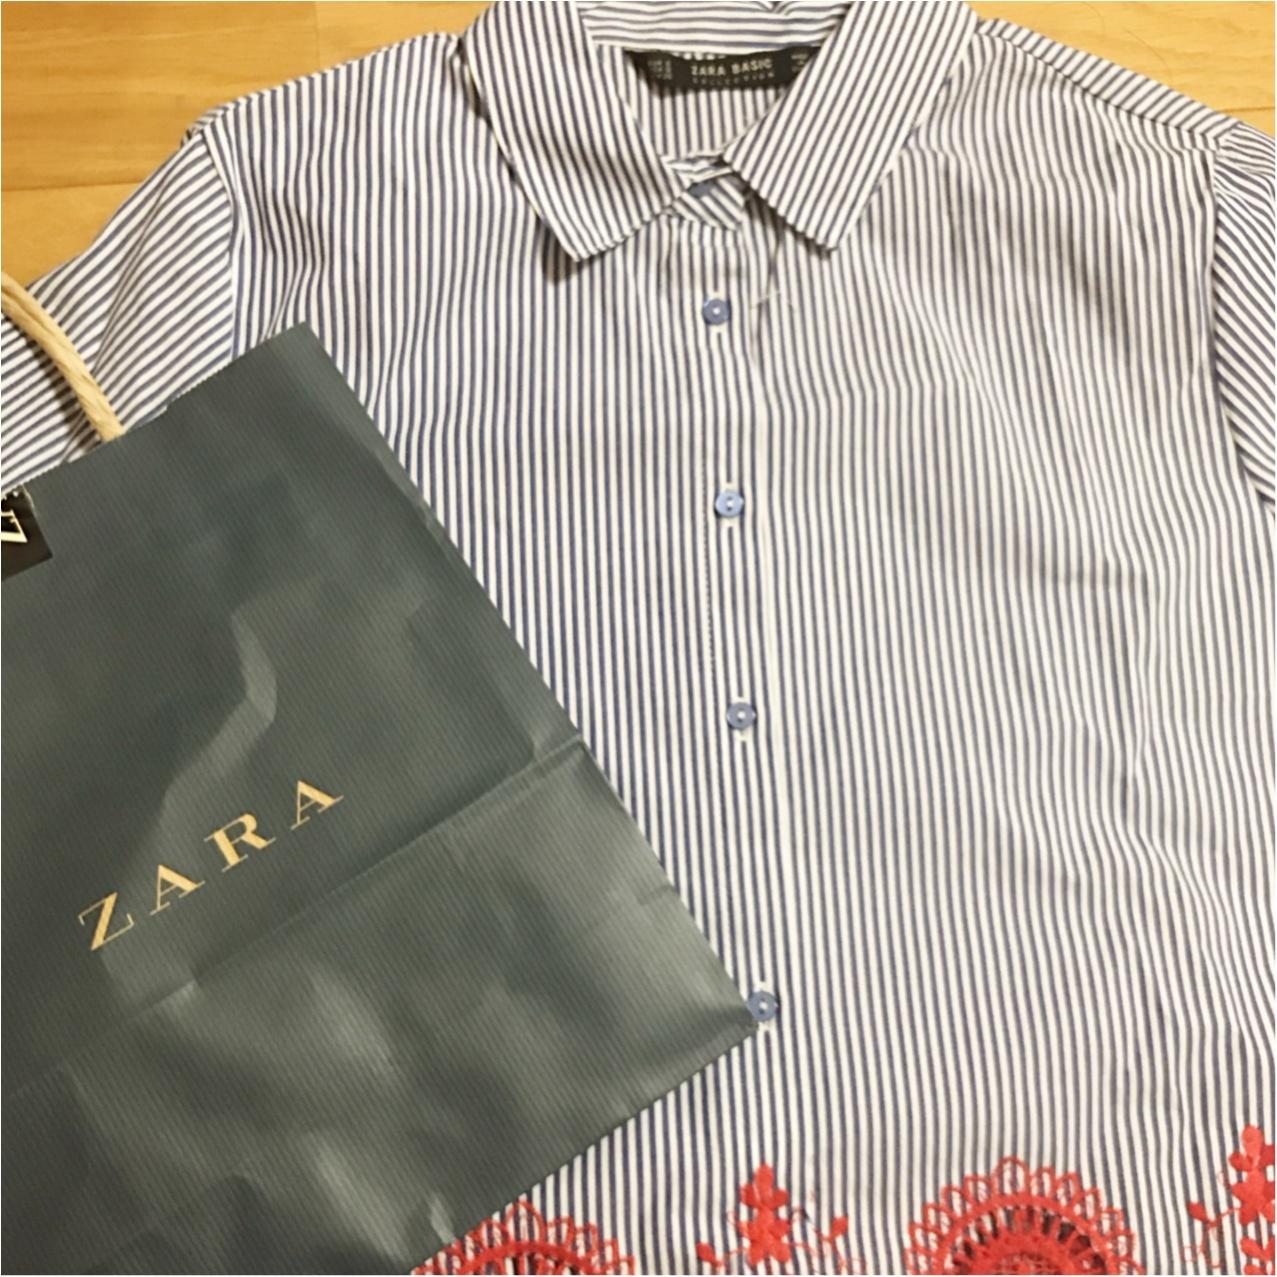 """刺繍 × ストライプにひとめぼれ♡【ZARA】で出会った""""自由になれるシャツ""""_1"""